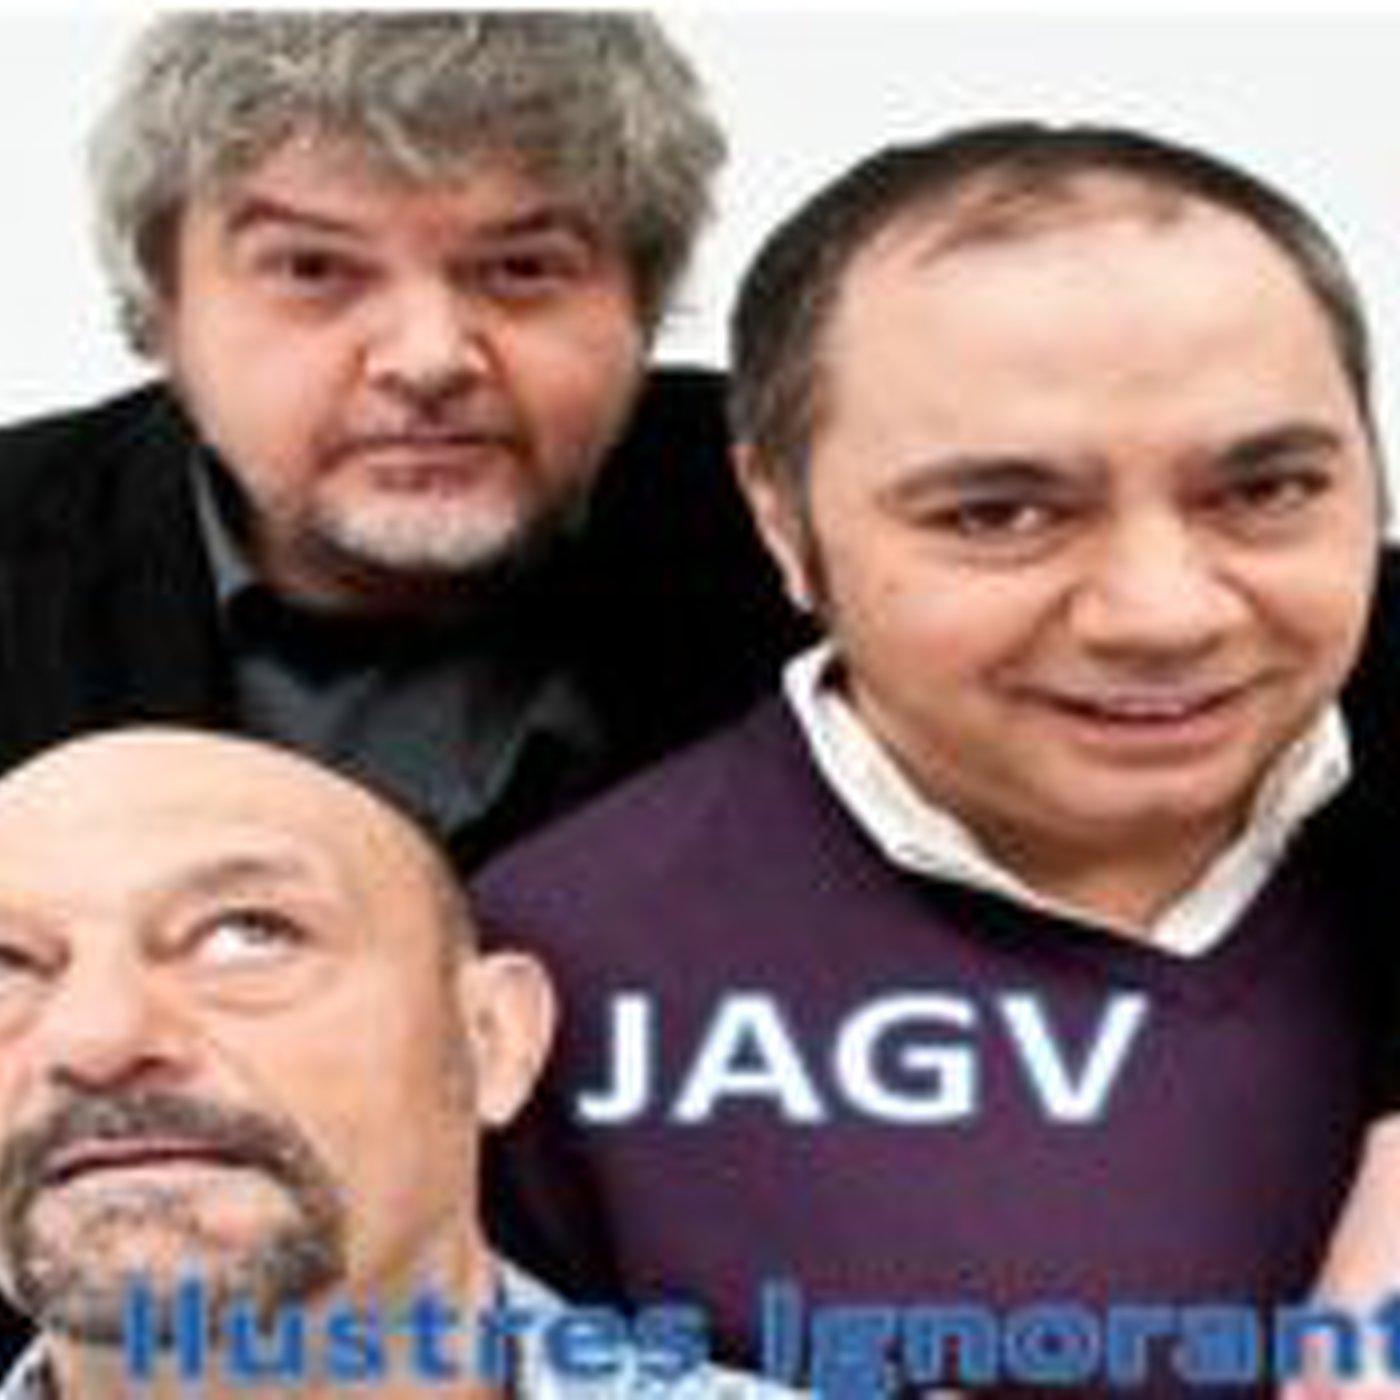 JAGV Ilustres Ignorantes - La Magia (01/05/15)